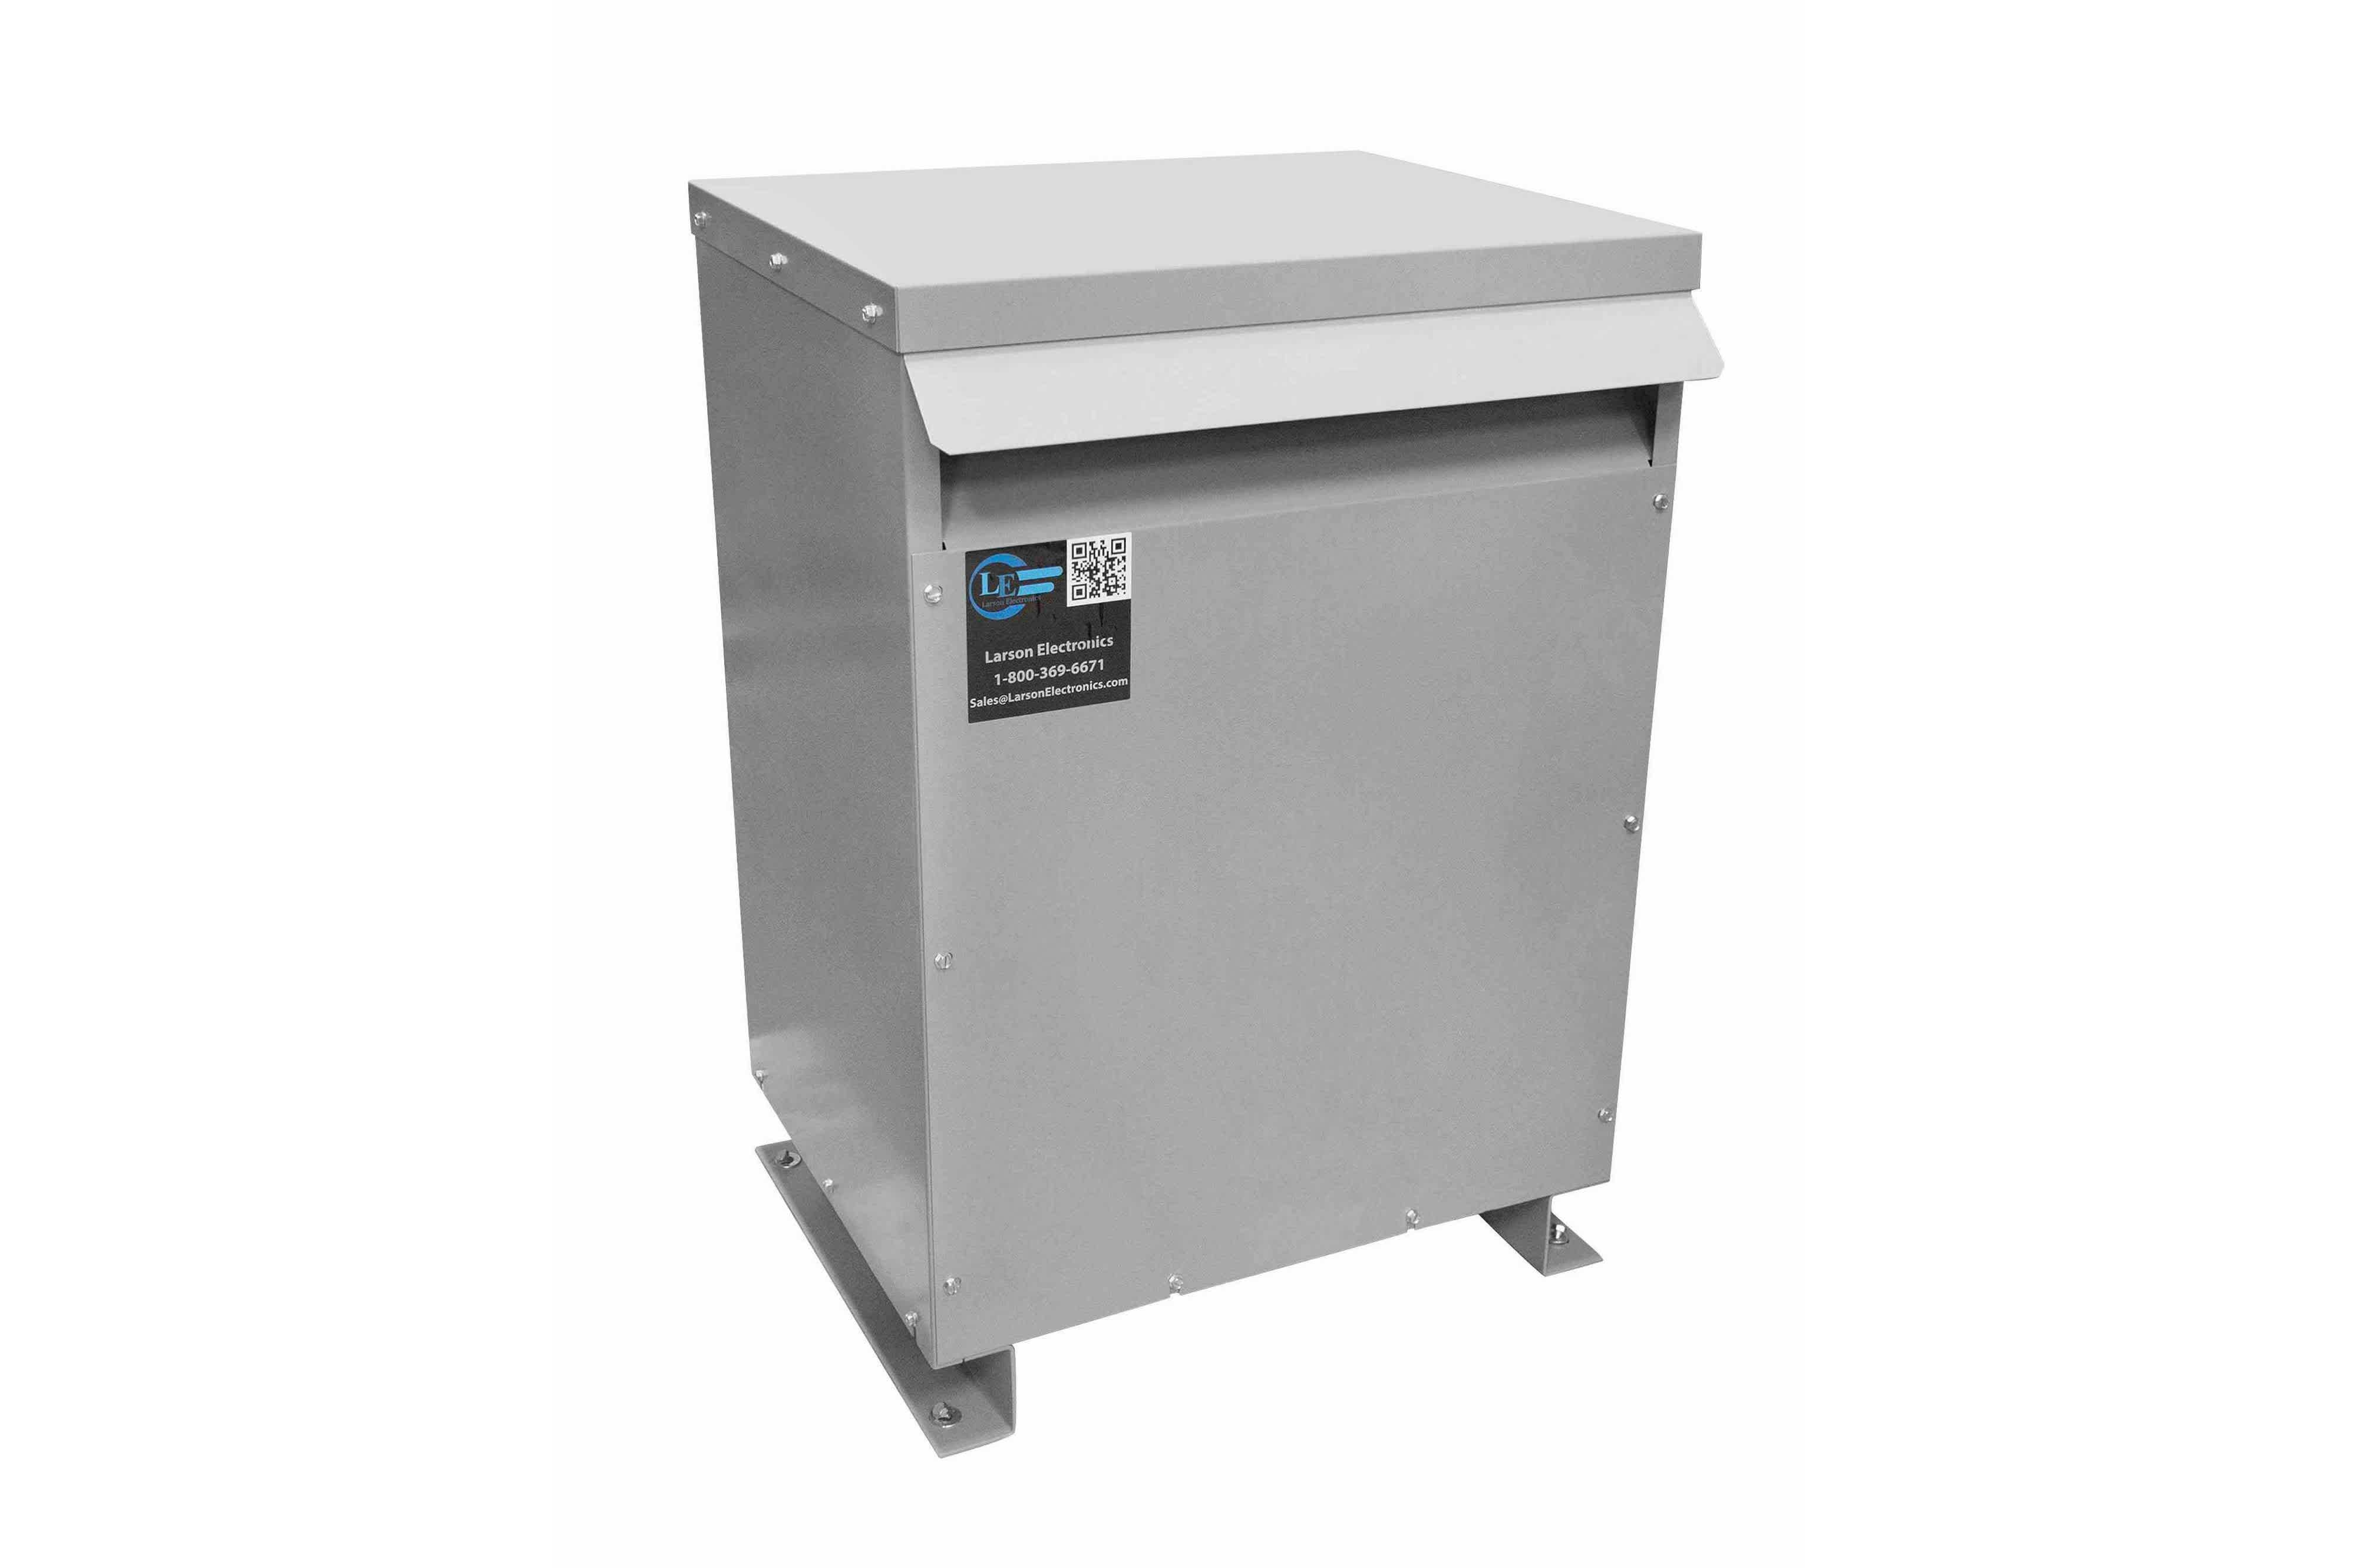 37.5 kVA 3PH Isolation Transformer, 575V Delta Primary, 415V Delta Secondary, N3R, Ventilated, 60 Hz